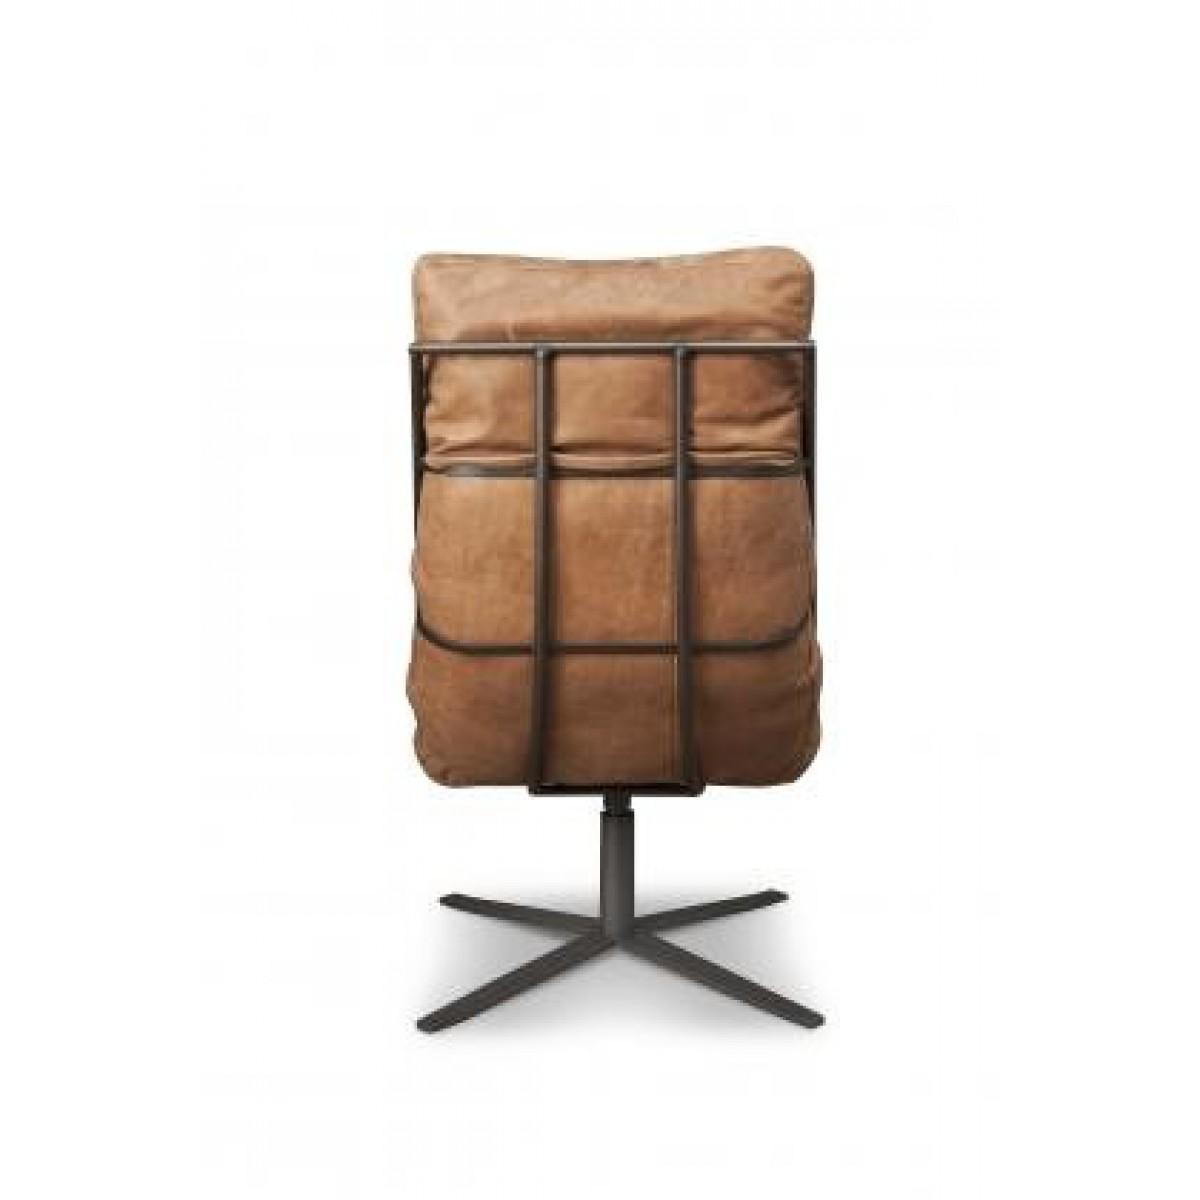 draaifauteuil-brutus-metaalframe-zitkussen-leer-het-anker-miltonhouse-achterkant